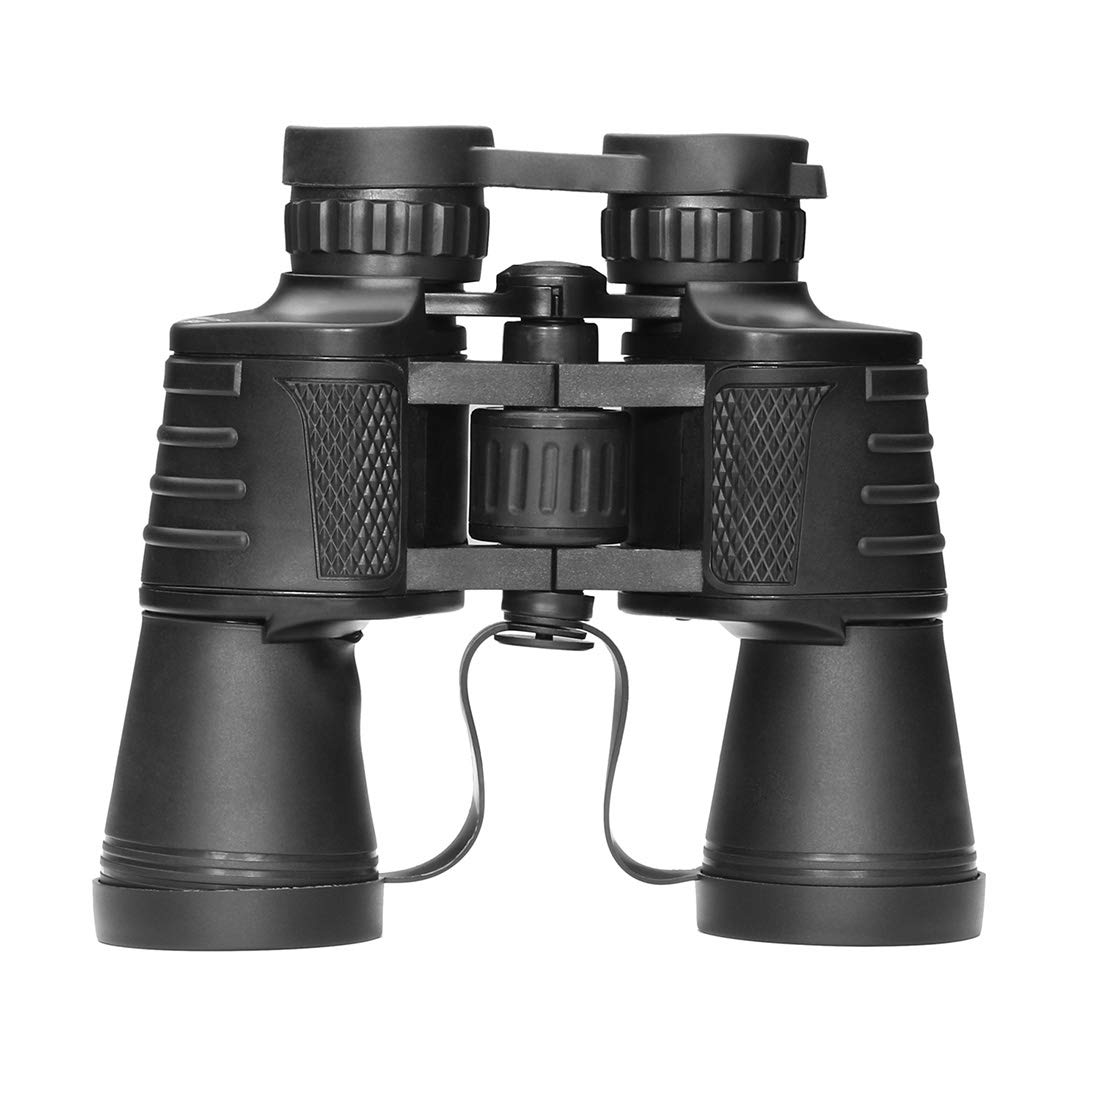 noir  HOUYAZHAN Jumelles Haute Puissance Jumelles d'observation d'oiseaux HD à Vision Nocturne de Faible luminosité pour Une Utilisation en extérieur (Couleur   noir)